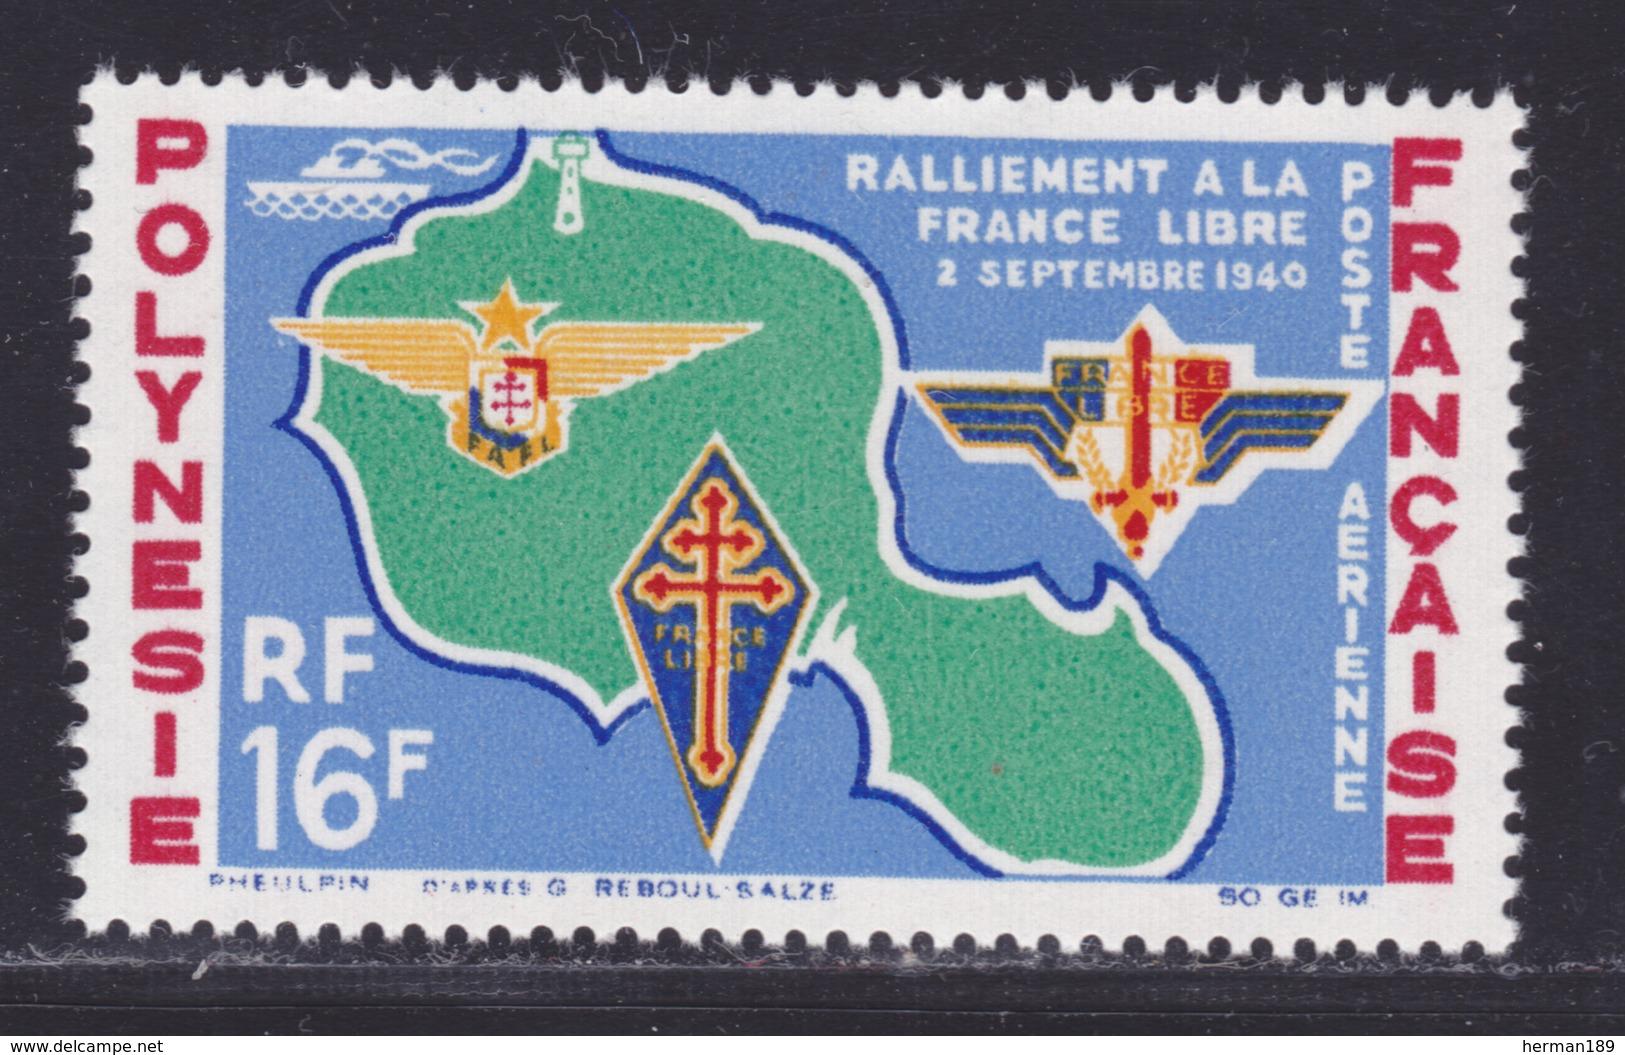 POLYNESIE AERIENS N°    8 ** MNH Neuf Sans Charnière, TB (D8268) Anniversaire Du Ralliement à La France Libre - 1964 - Airmail